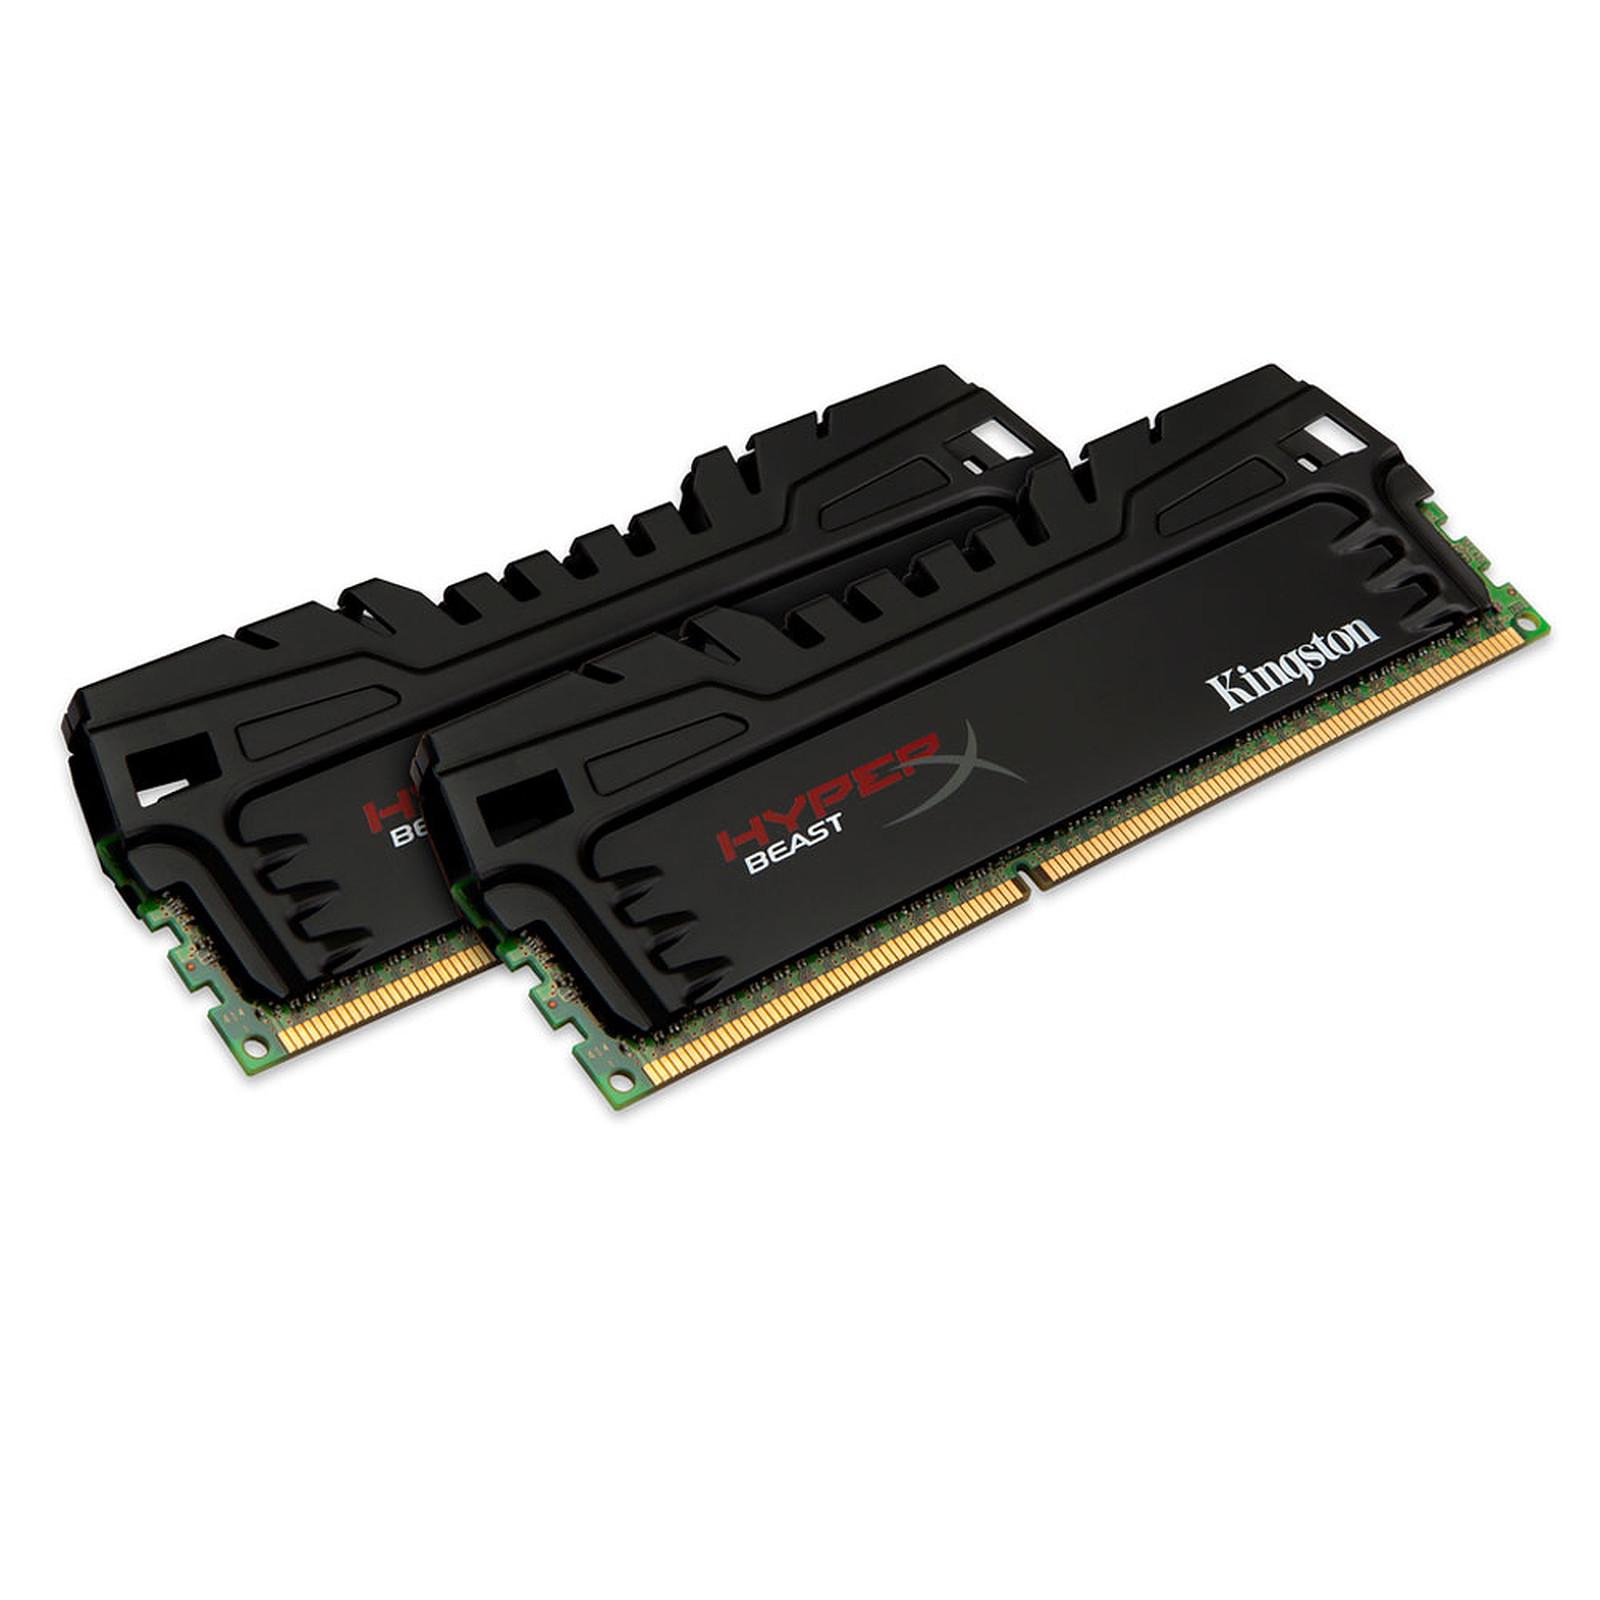 Kingston HyperX Beast 8 Go (2 x 4 Go) DDR3 2400 MHz CL11